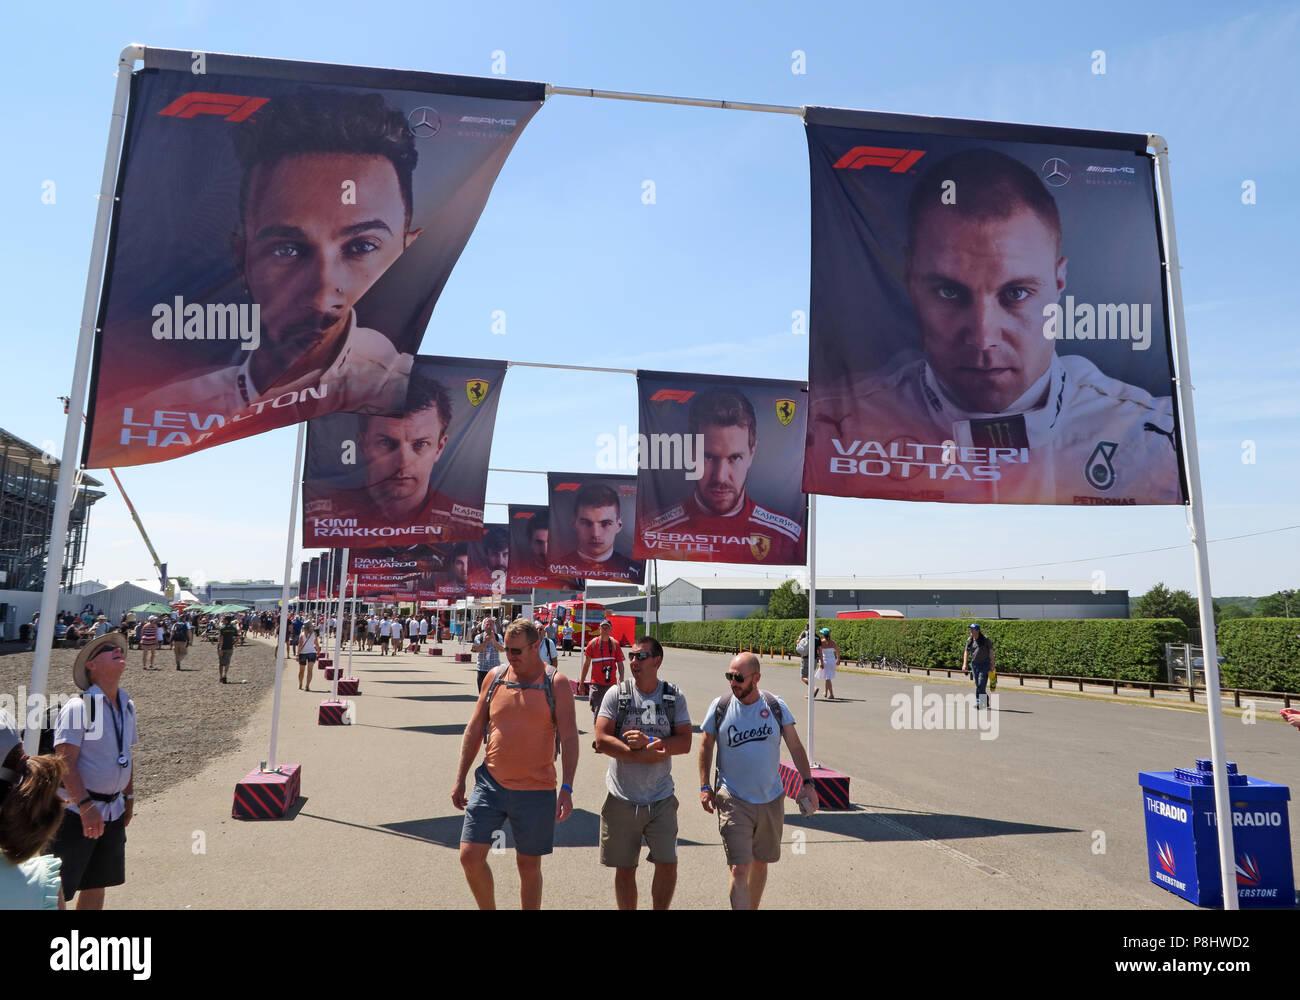 Dieses Stockfoto: F1 Fahrer Bilder auf Fahnen, Silverstone, Northampton, Britischen Grand Prix 2018, England, Großbritannien - P8HWD2